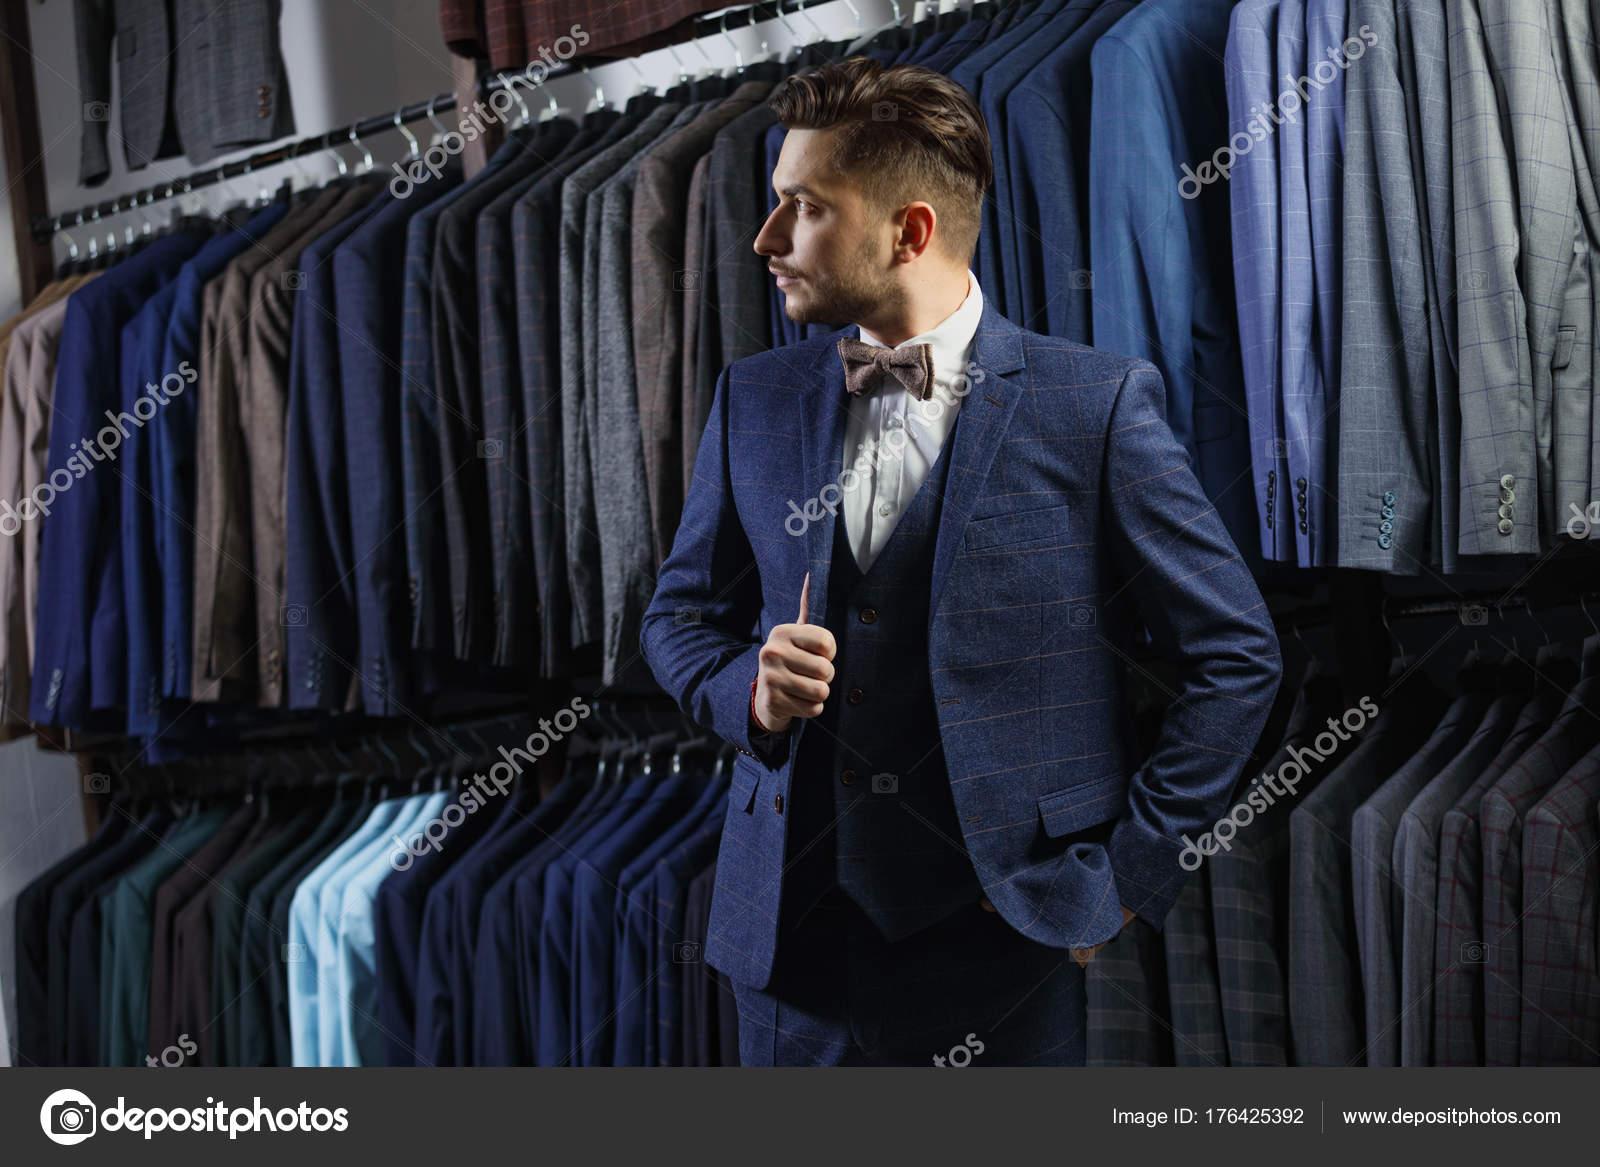 Επιχειρηματία στο κλασικό γιλέκο κατά σειρά ταιριάζει στο μαγαζί. Ένας  νεαρός άνδρας κομψό σε ένα σακάκι μαύρο πανί. Είναι στο showroom cfe867743af